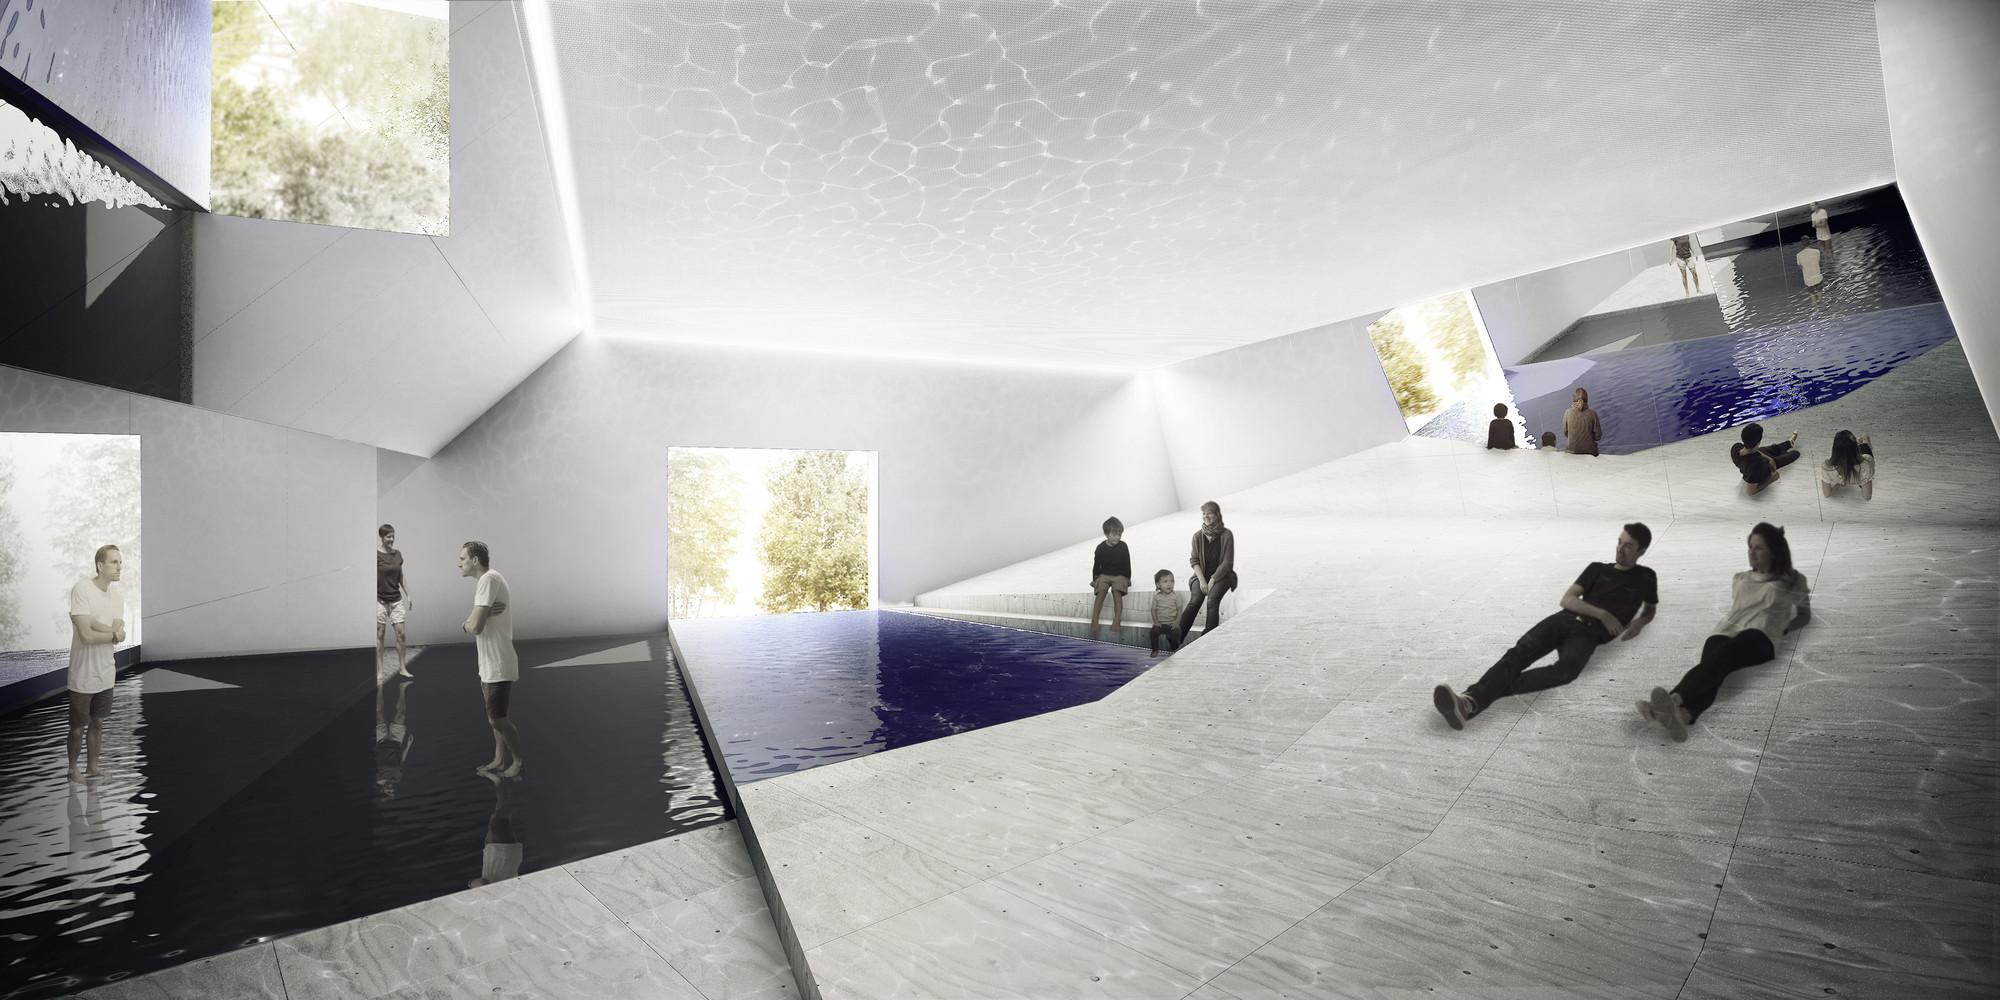 Austrália explora a tipologia da piscina em seu pavilhão para a Bienal de Veneza 2016, Cortesia de Australian Institute of Architects